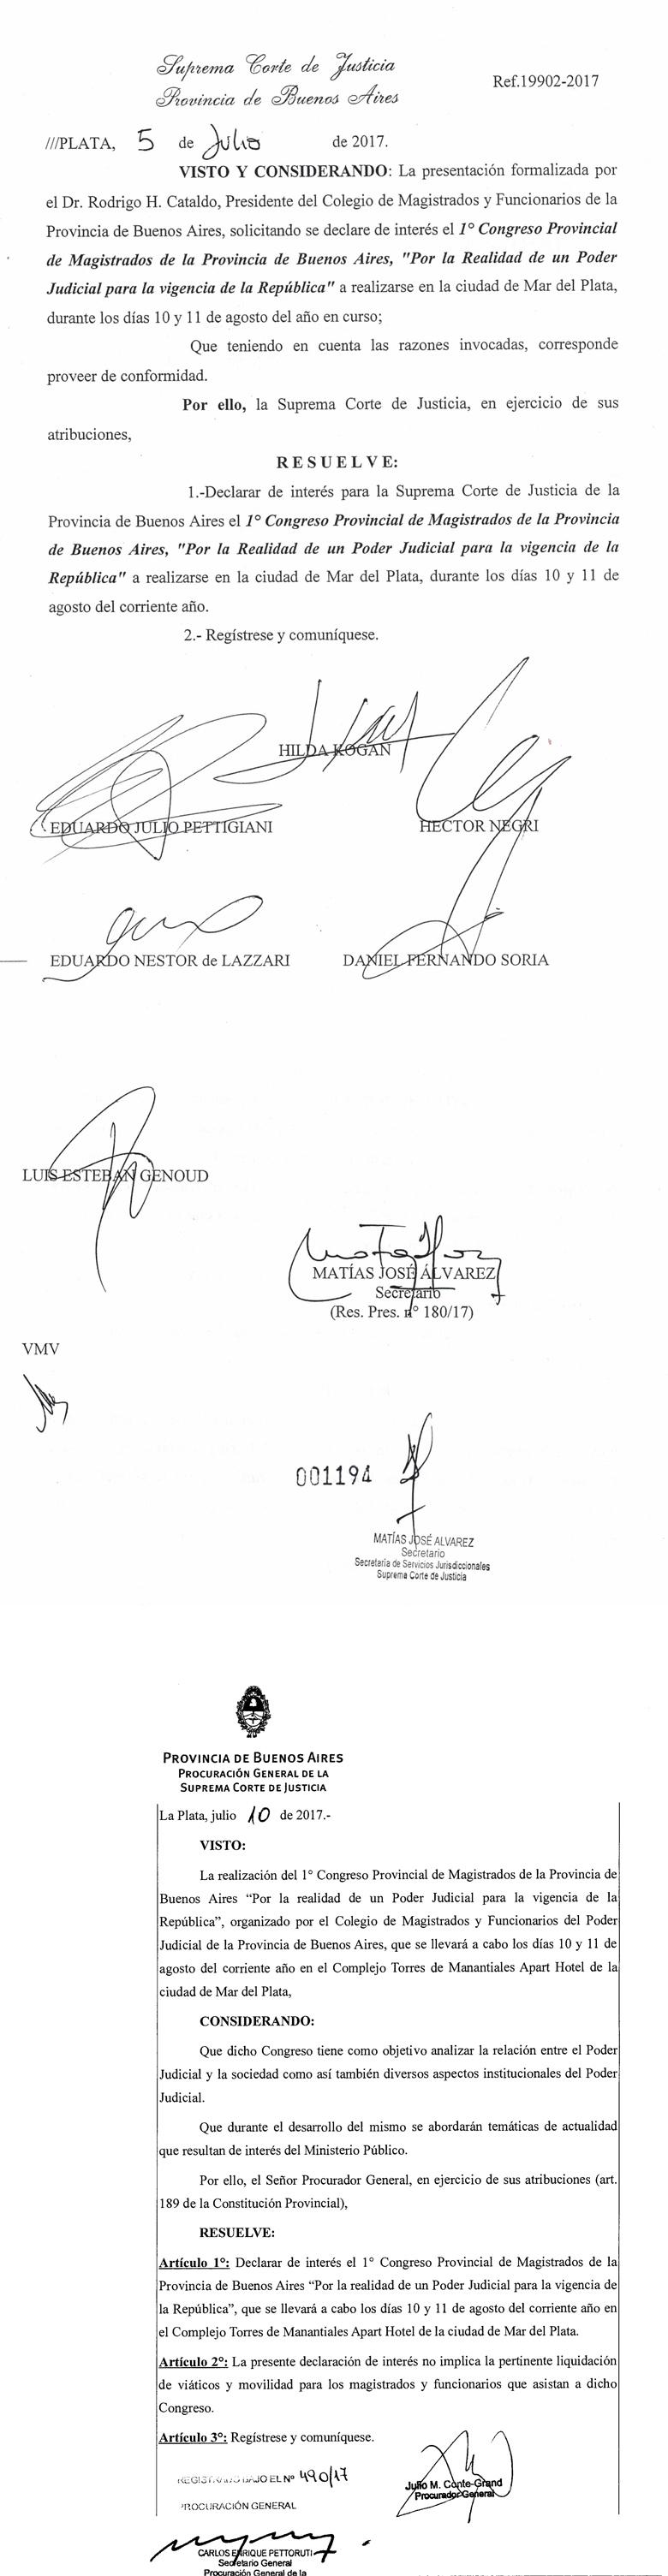 RESOLUCIÓN DECLARACIÓN INTERES SCBA, PROCURACIÓN GENERAL y MINISTERIO DE JUSTICIA DE LA PCIA. DE BS. AS.